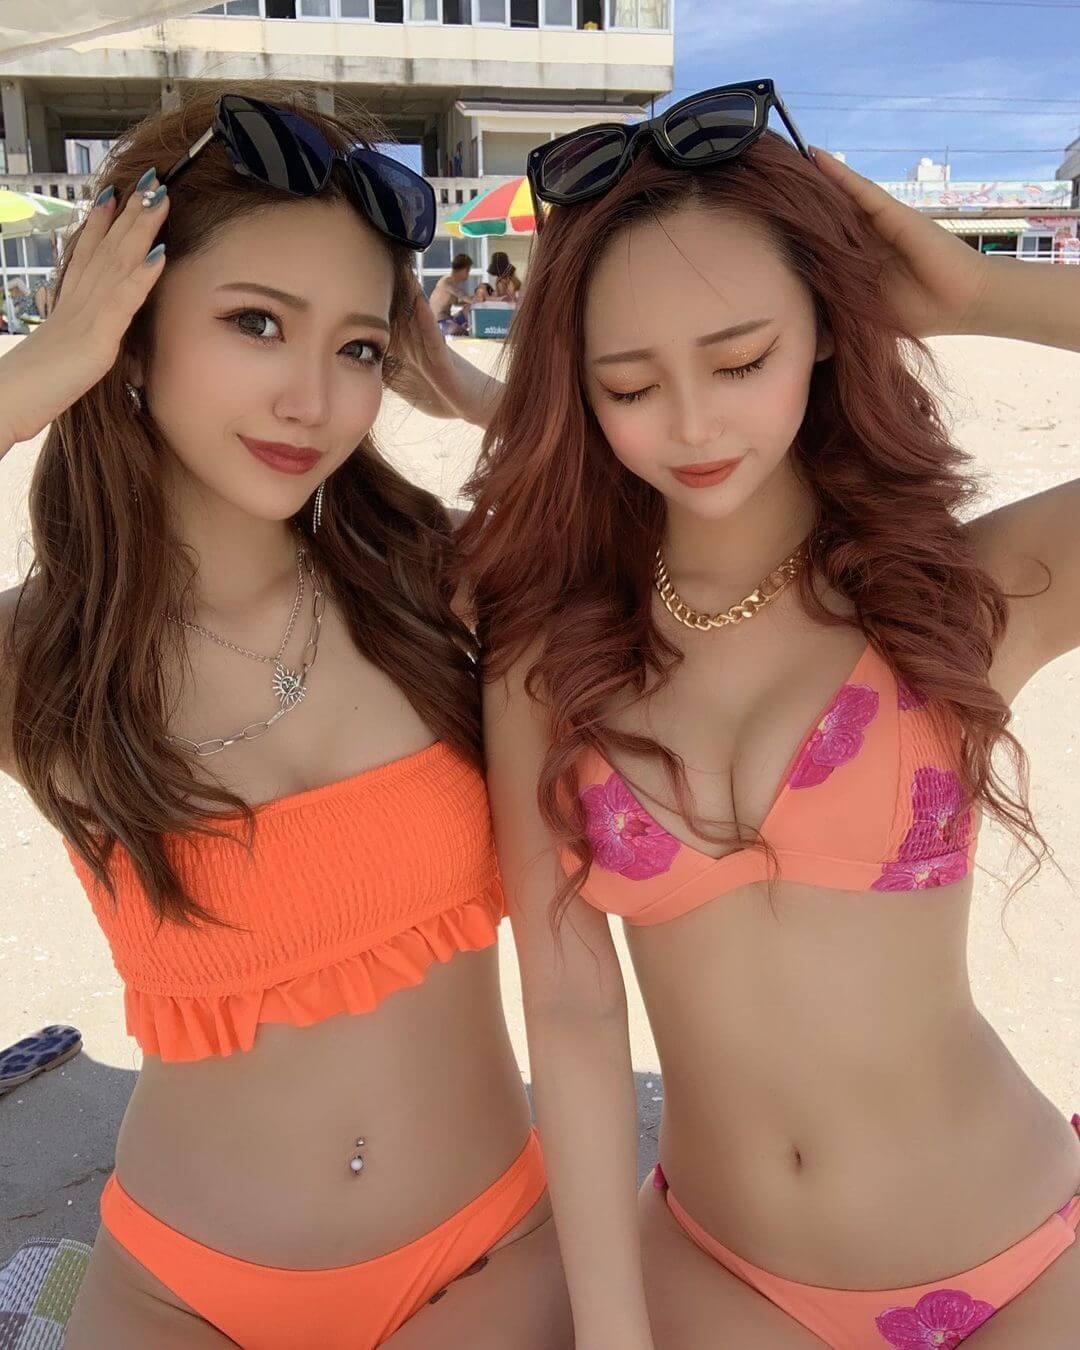 【素人画像】夏の風物詩!美巨乳女子たちの水着写真!